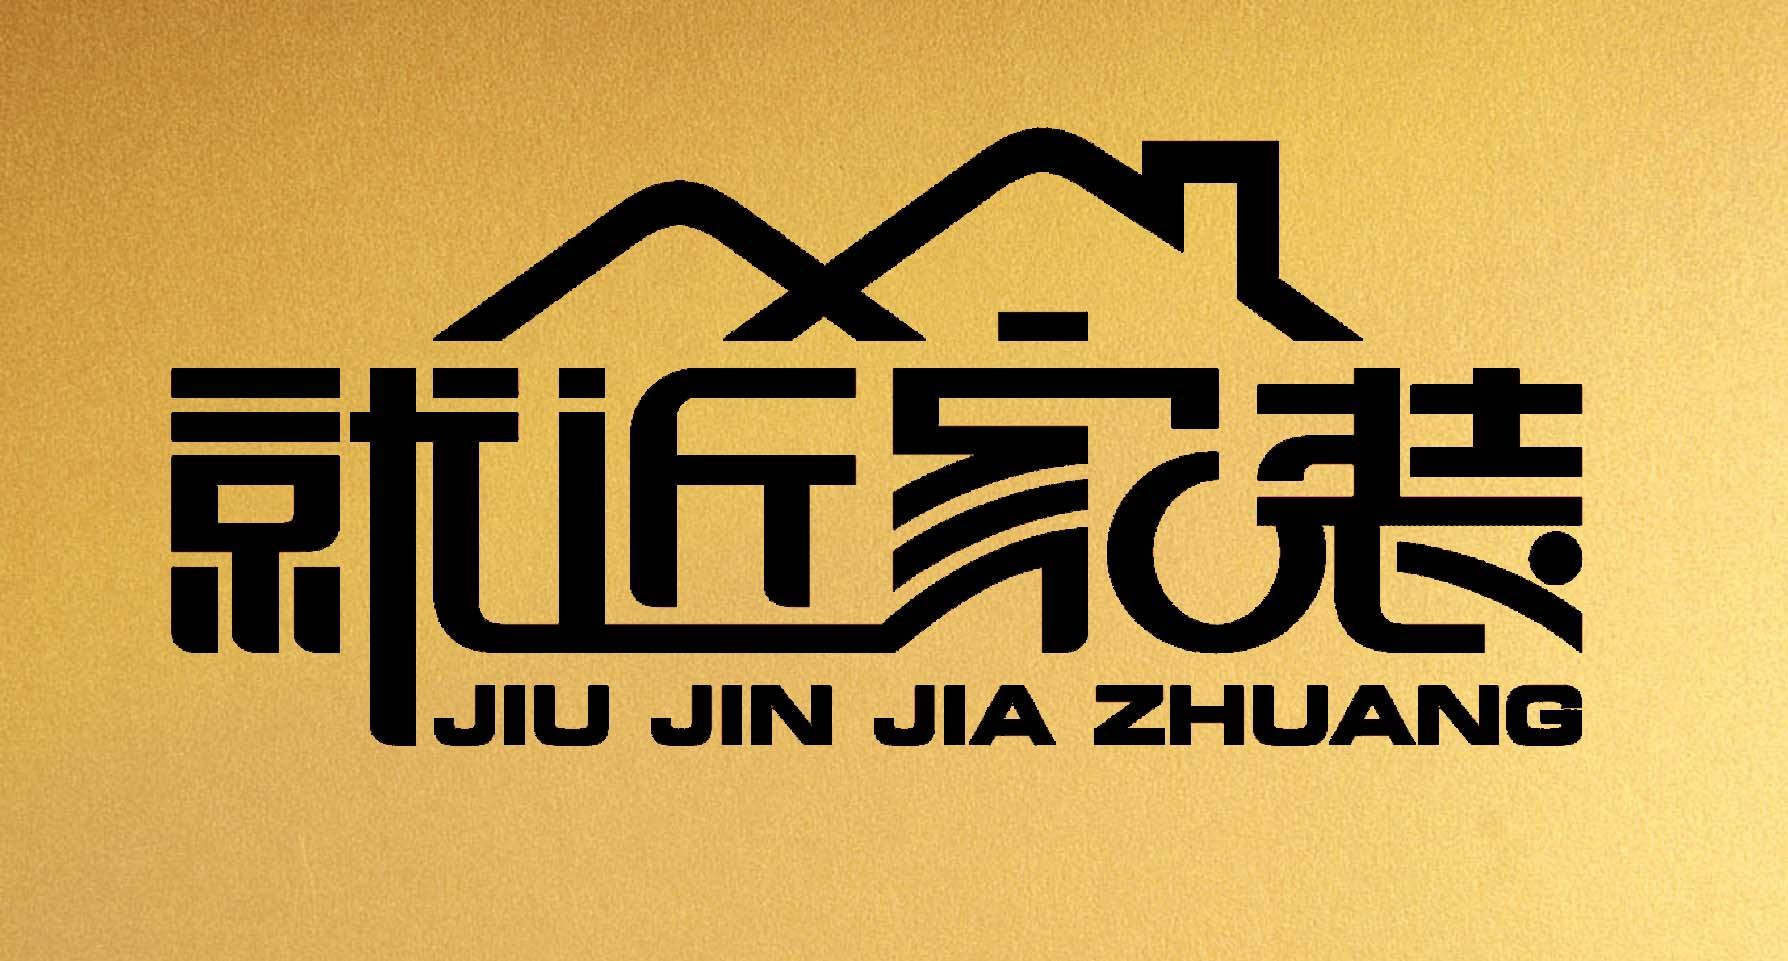 北京就近家装公司CEO专访